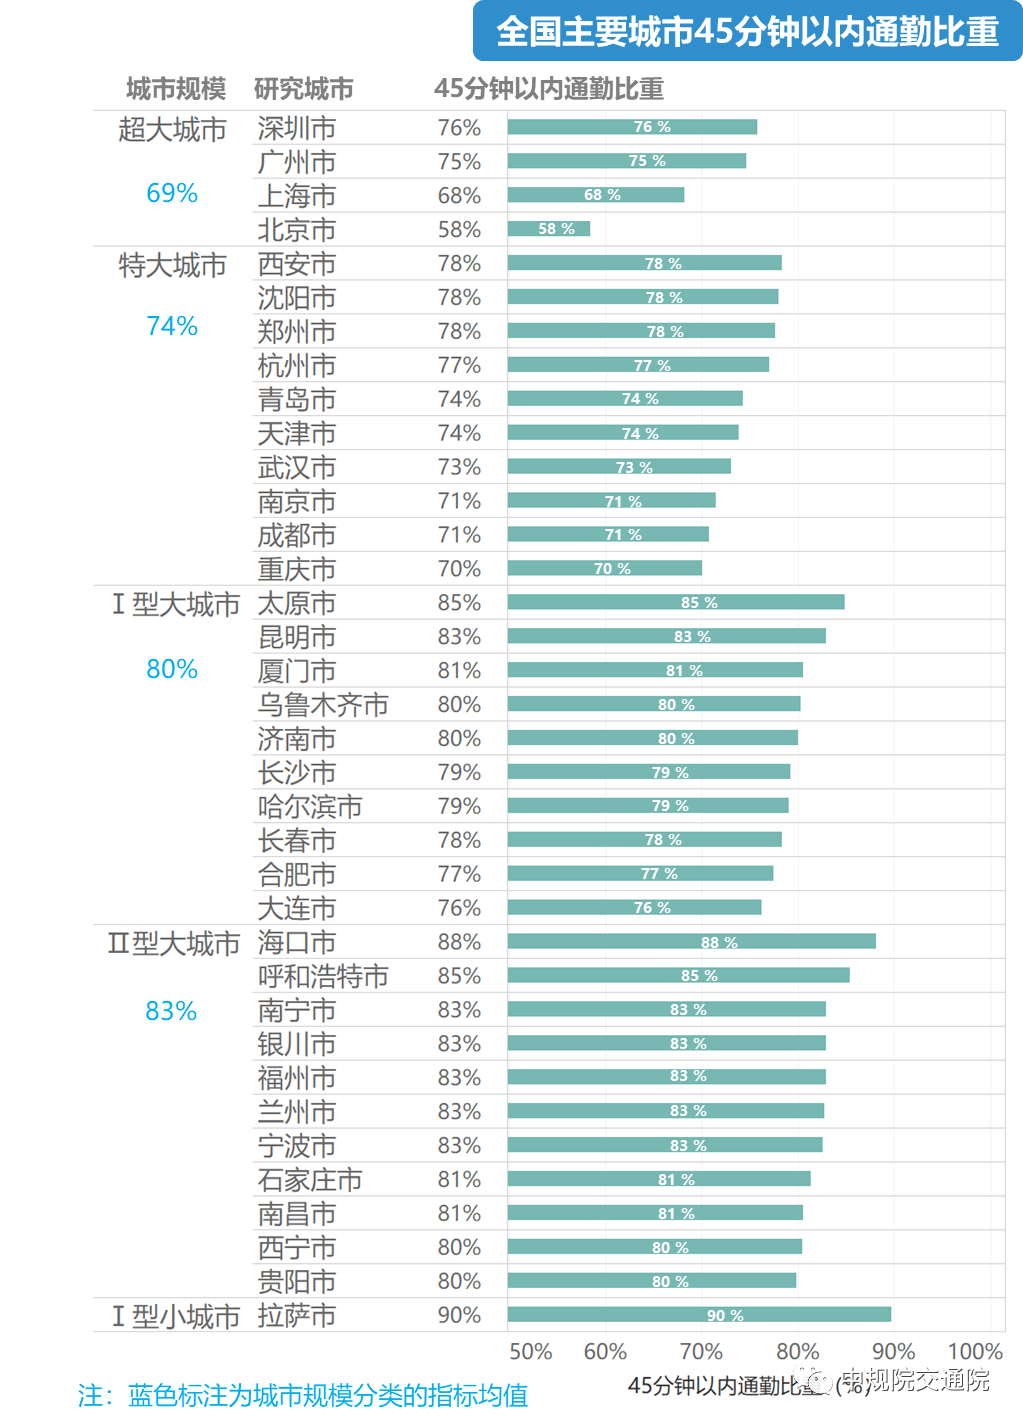 世界网格人口gpw_人口普查